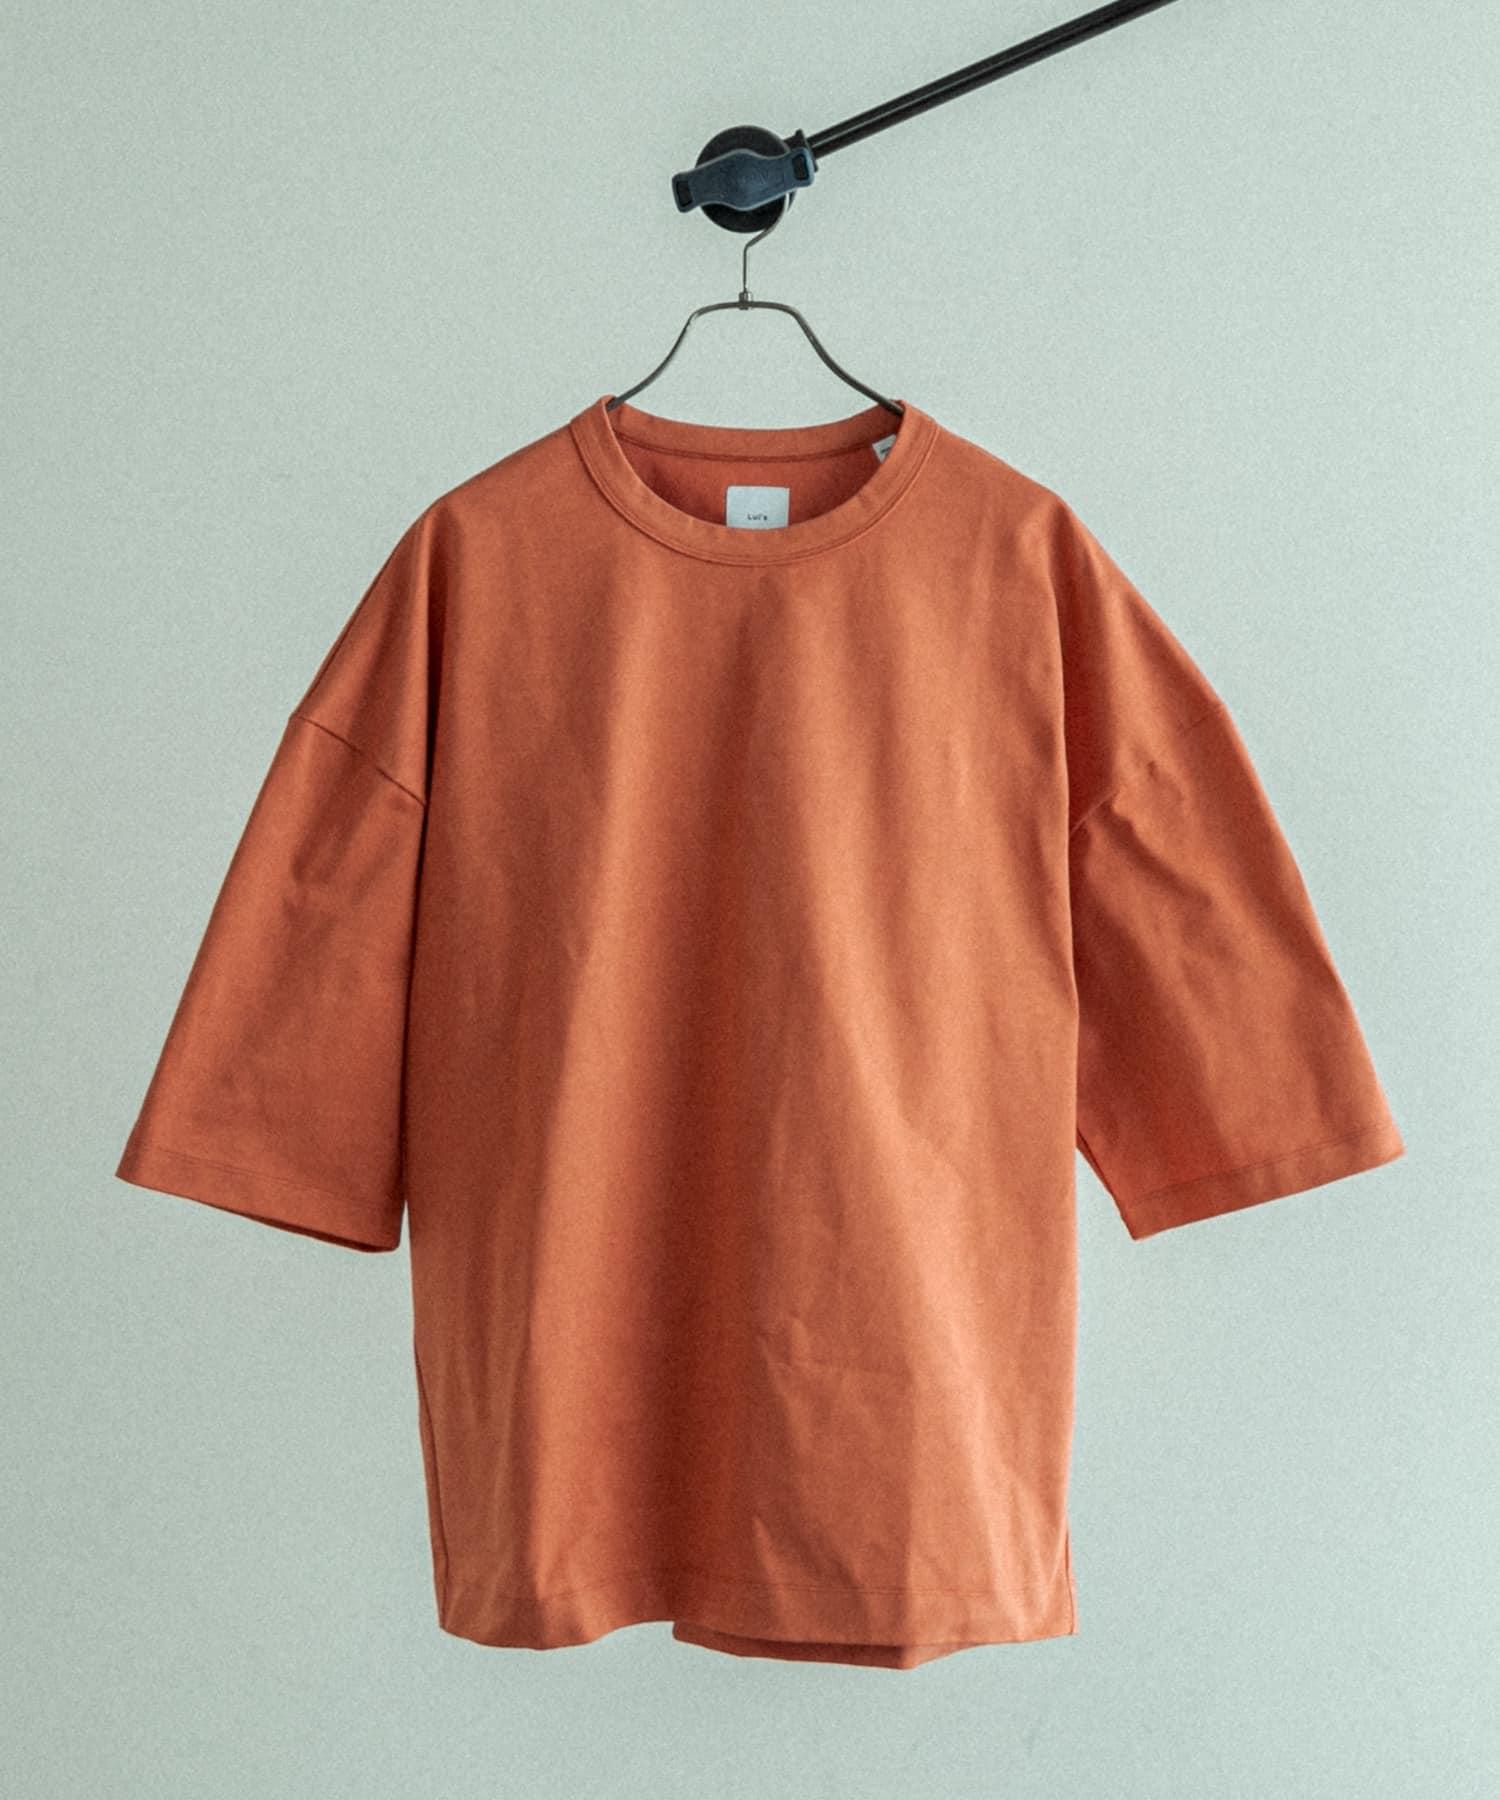 Lui's(ルイス) ハイクオリティー7分袖ビッグシルエットTシャツ